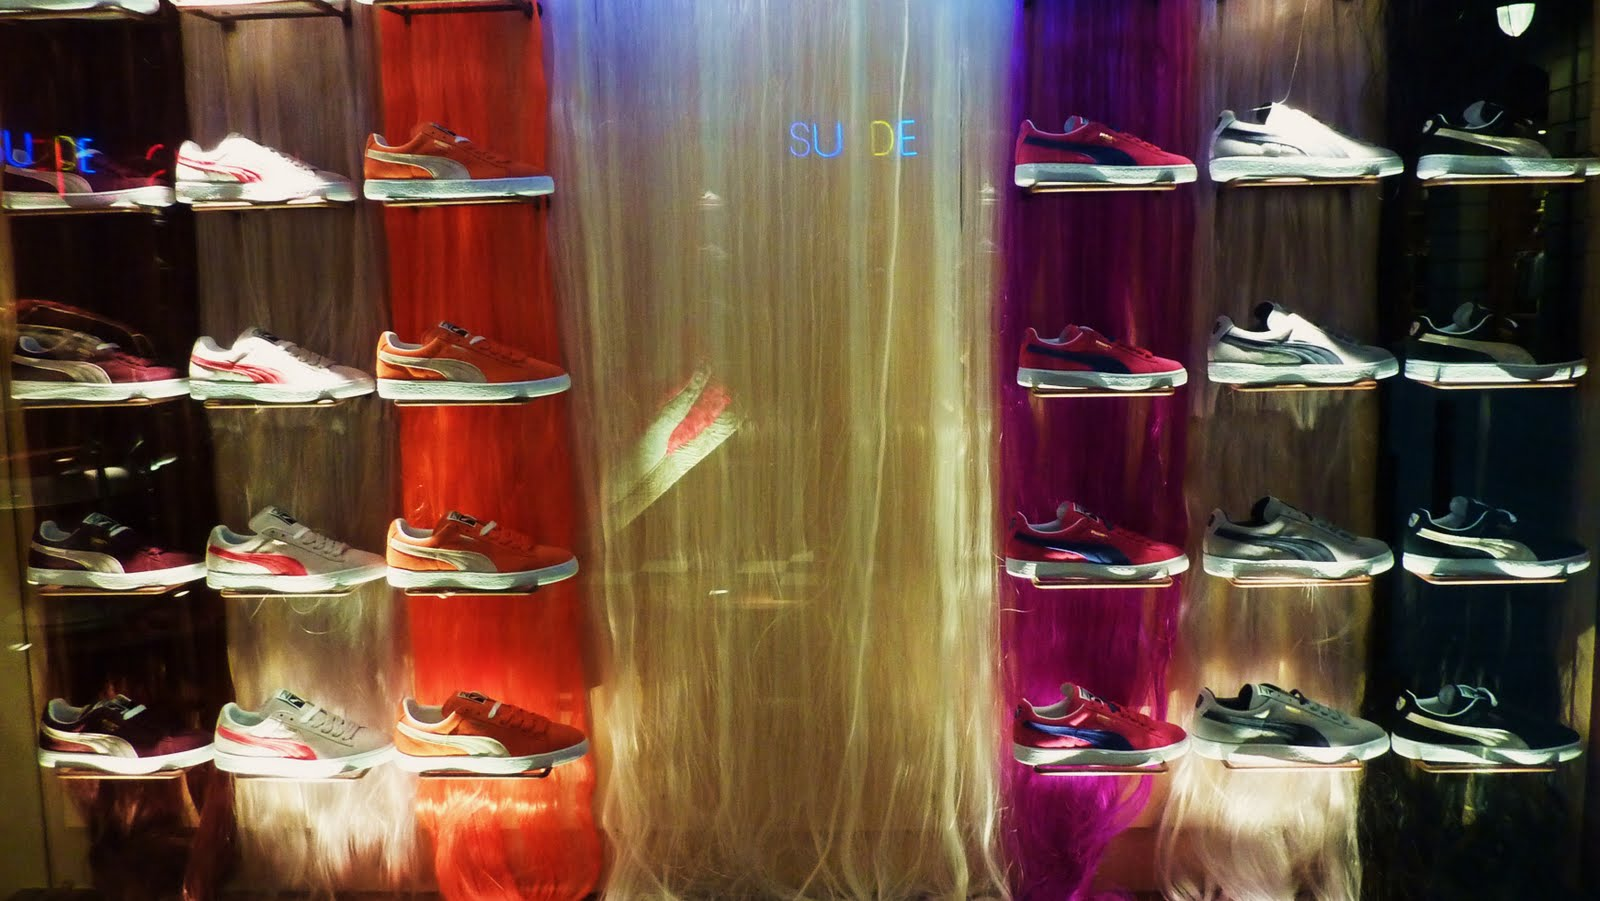 Hair shoes